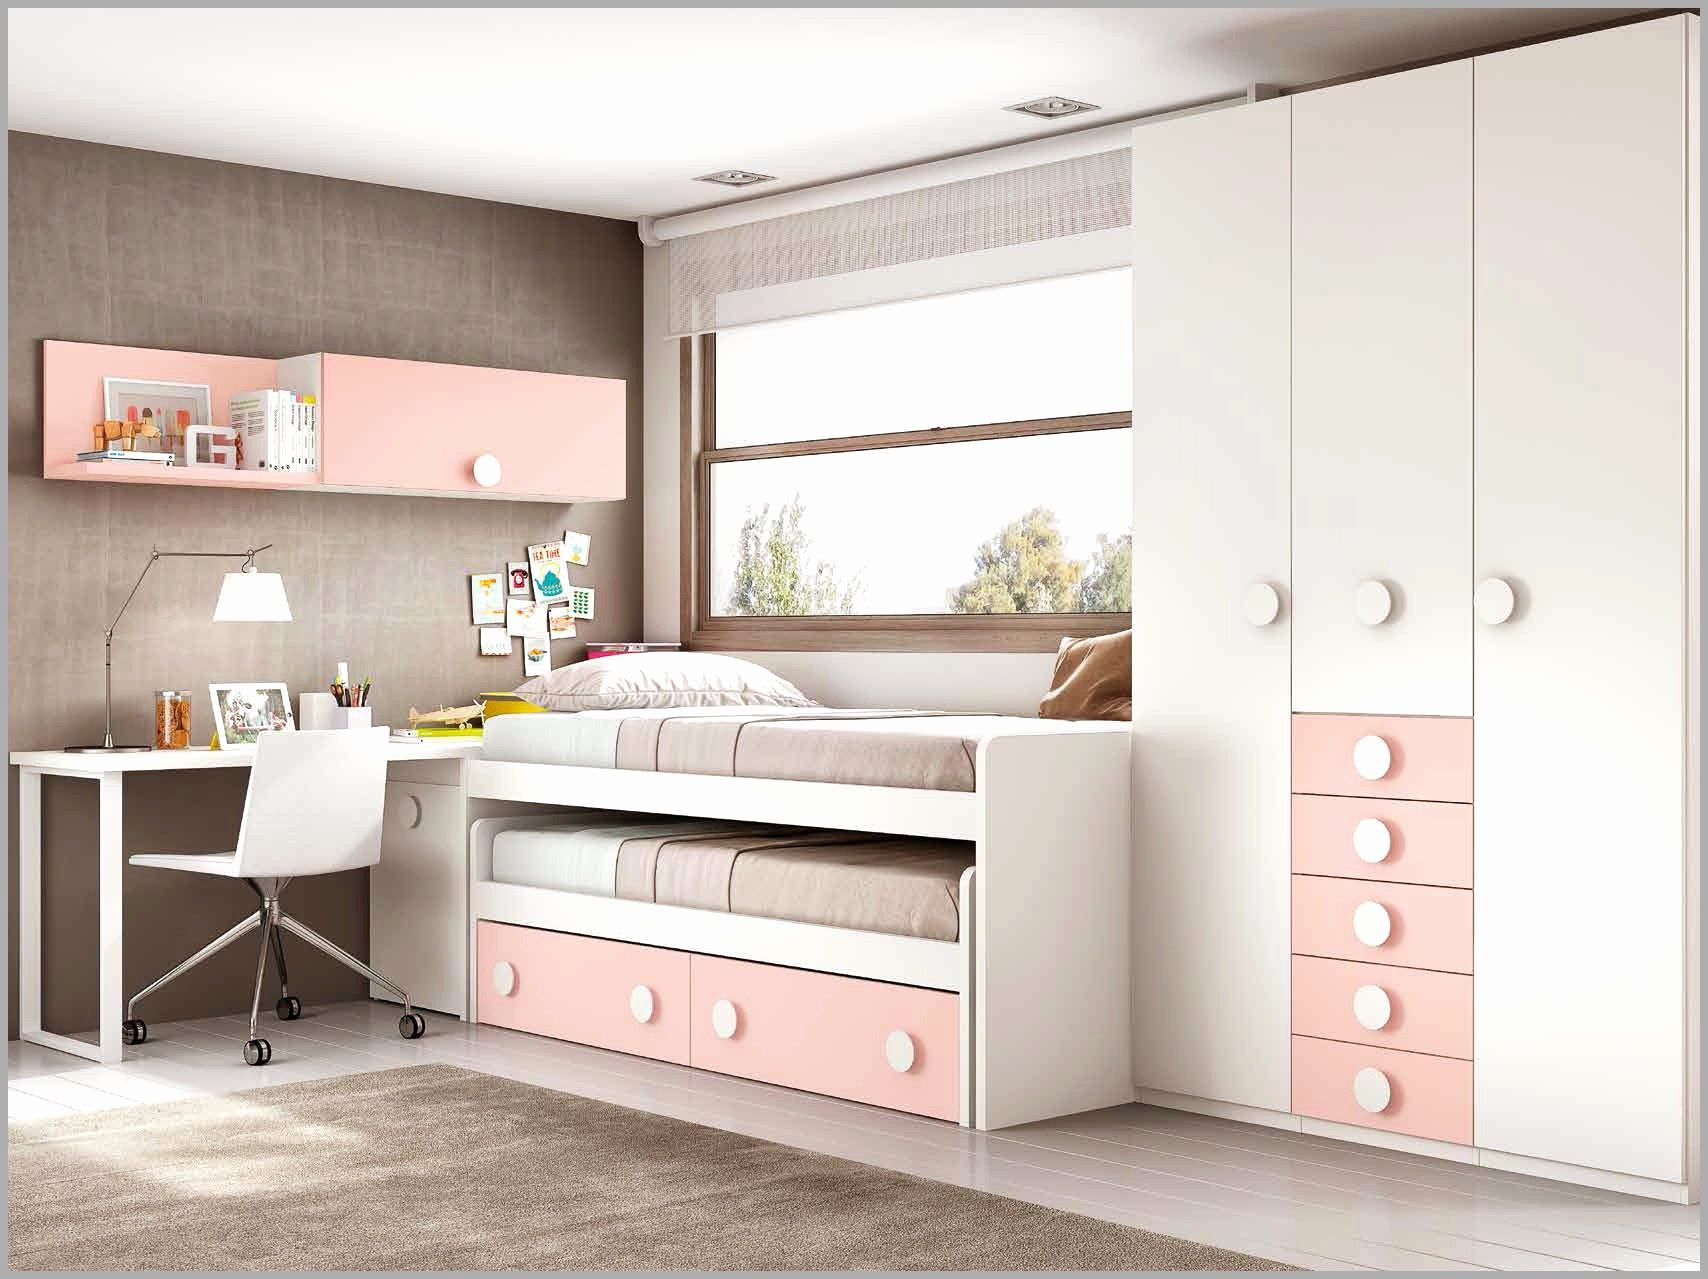 Lit Mezzanine Avec Bureau Et Armoire Douce Beau Armoire Lit Design Ou Armoire Lit Bureau Lit Armoire 2 Places